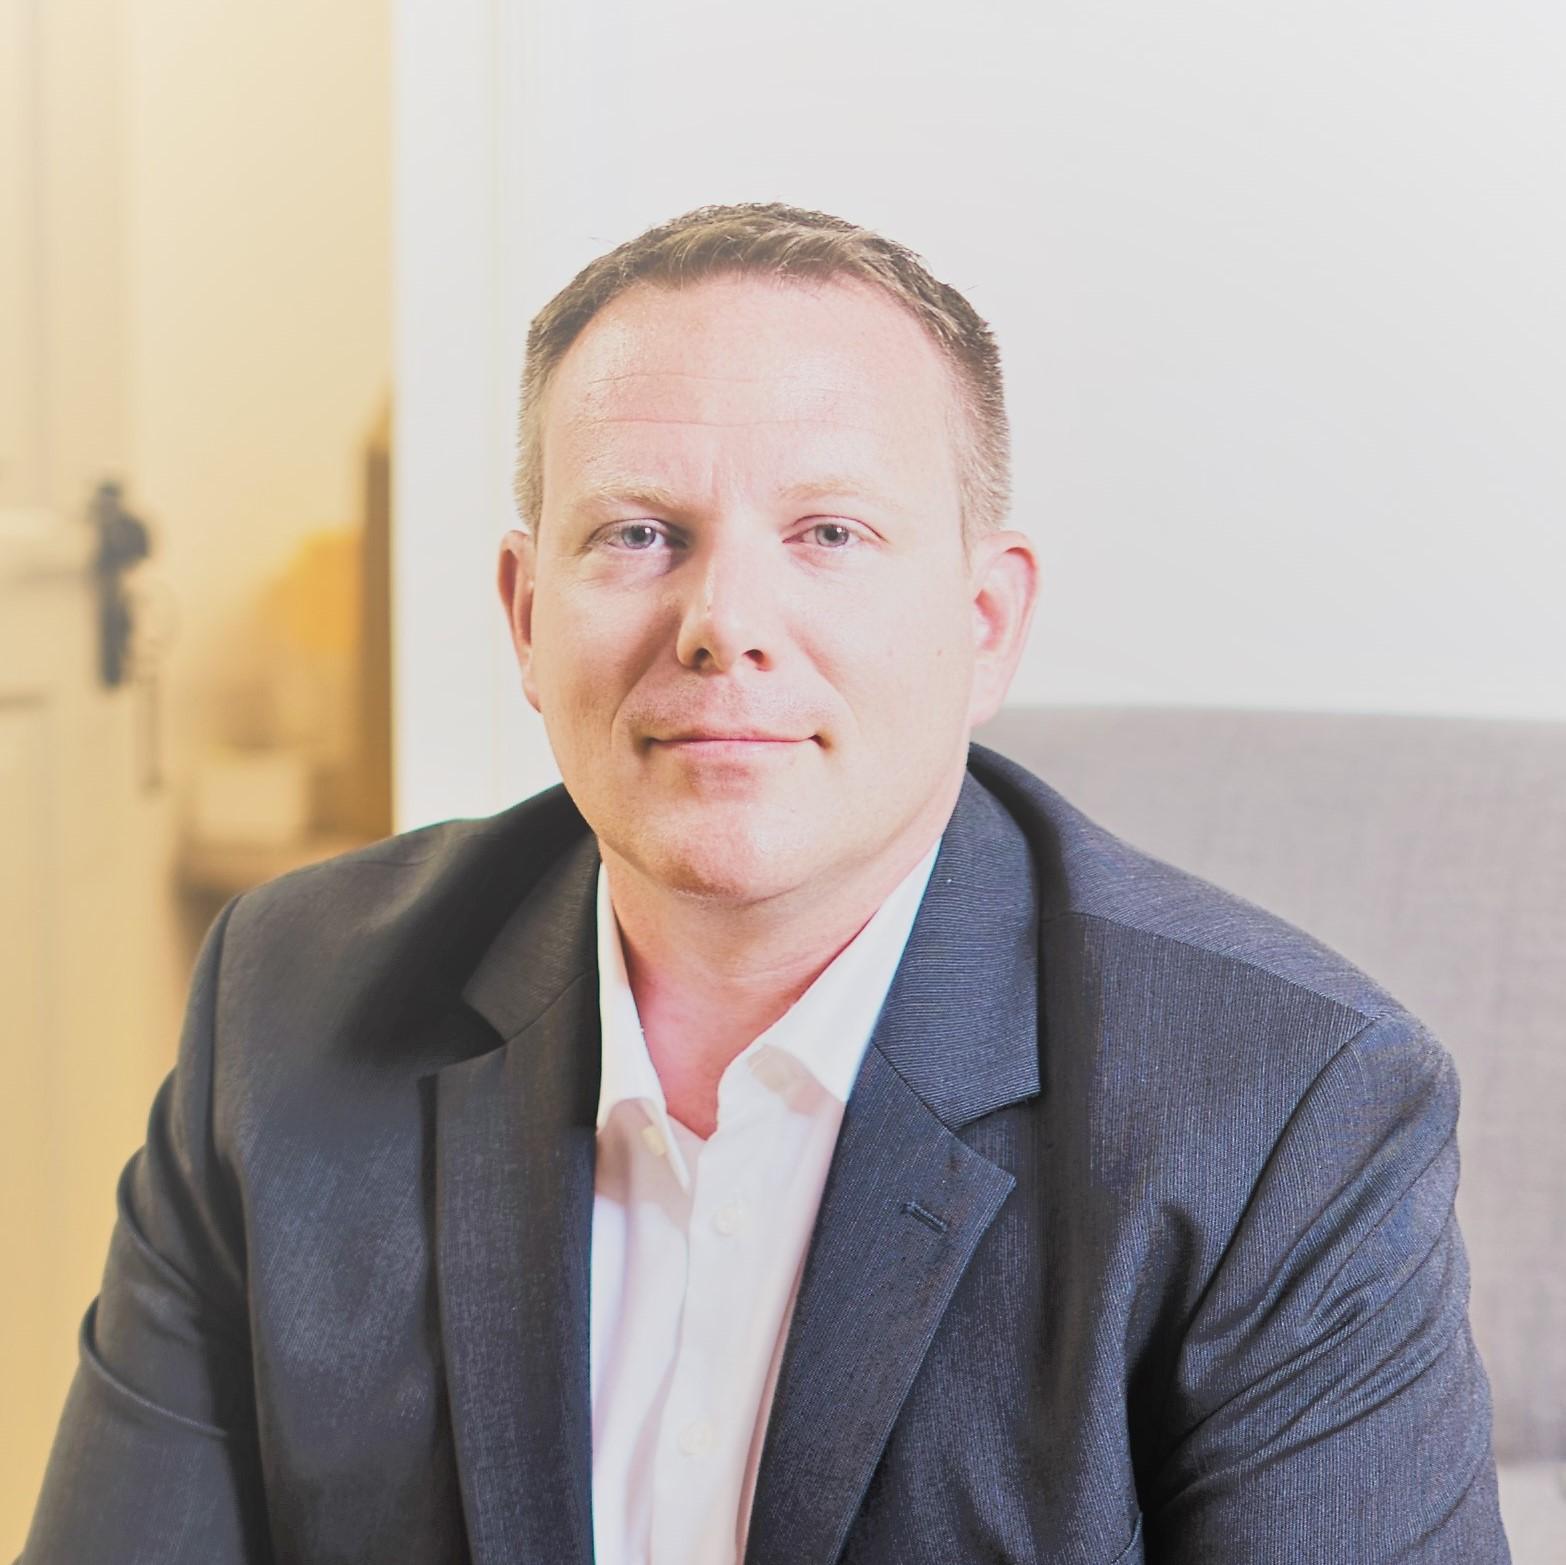 Andreas Schön